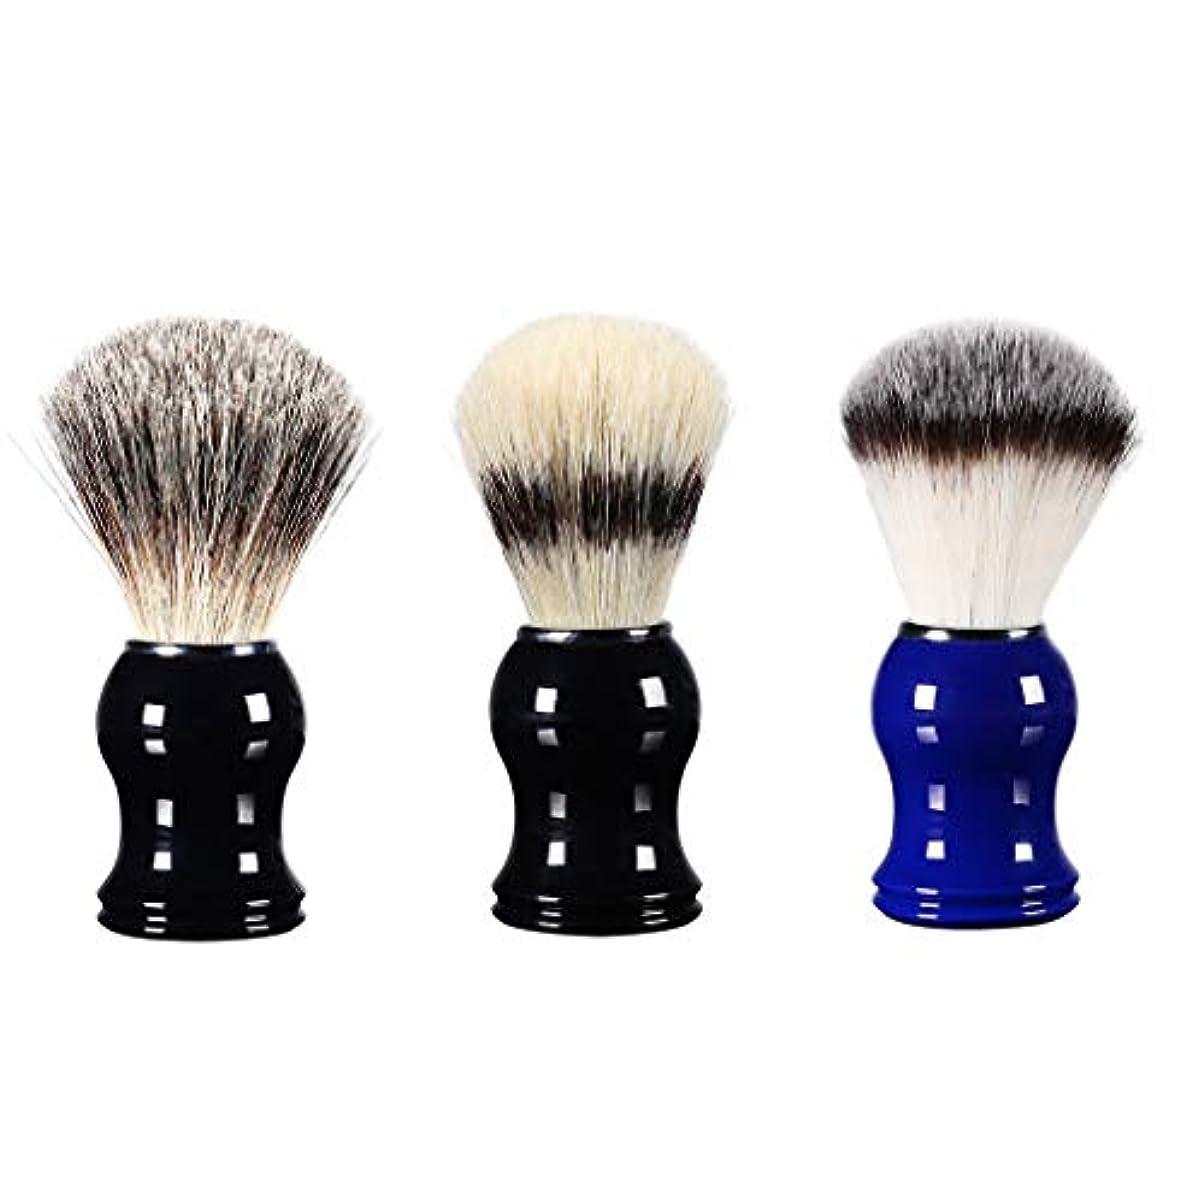 ラインフック不明瞭シェービング用ブラシ メンズ 理容 洗顔 髭剃り 泡立ち 3個入